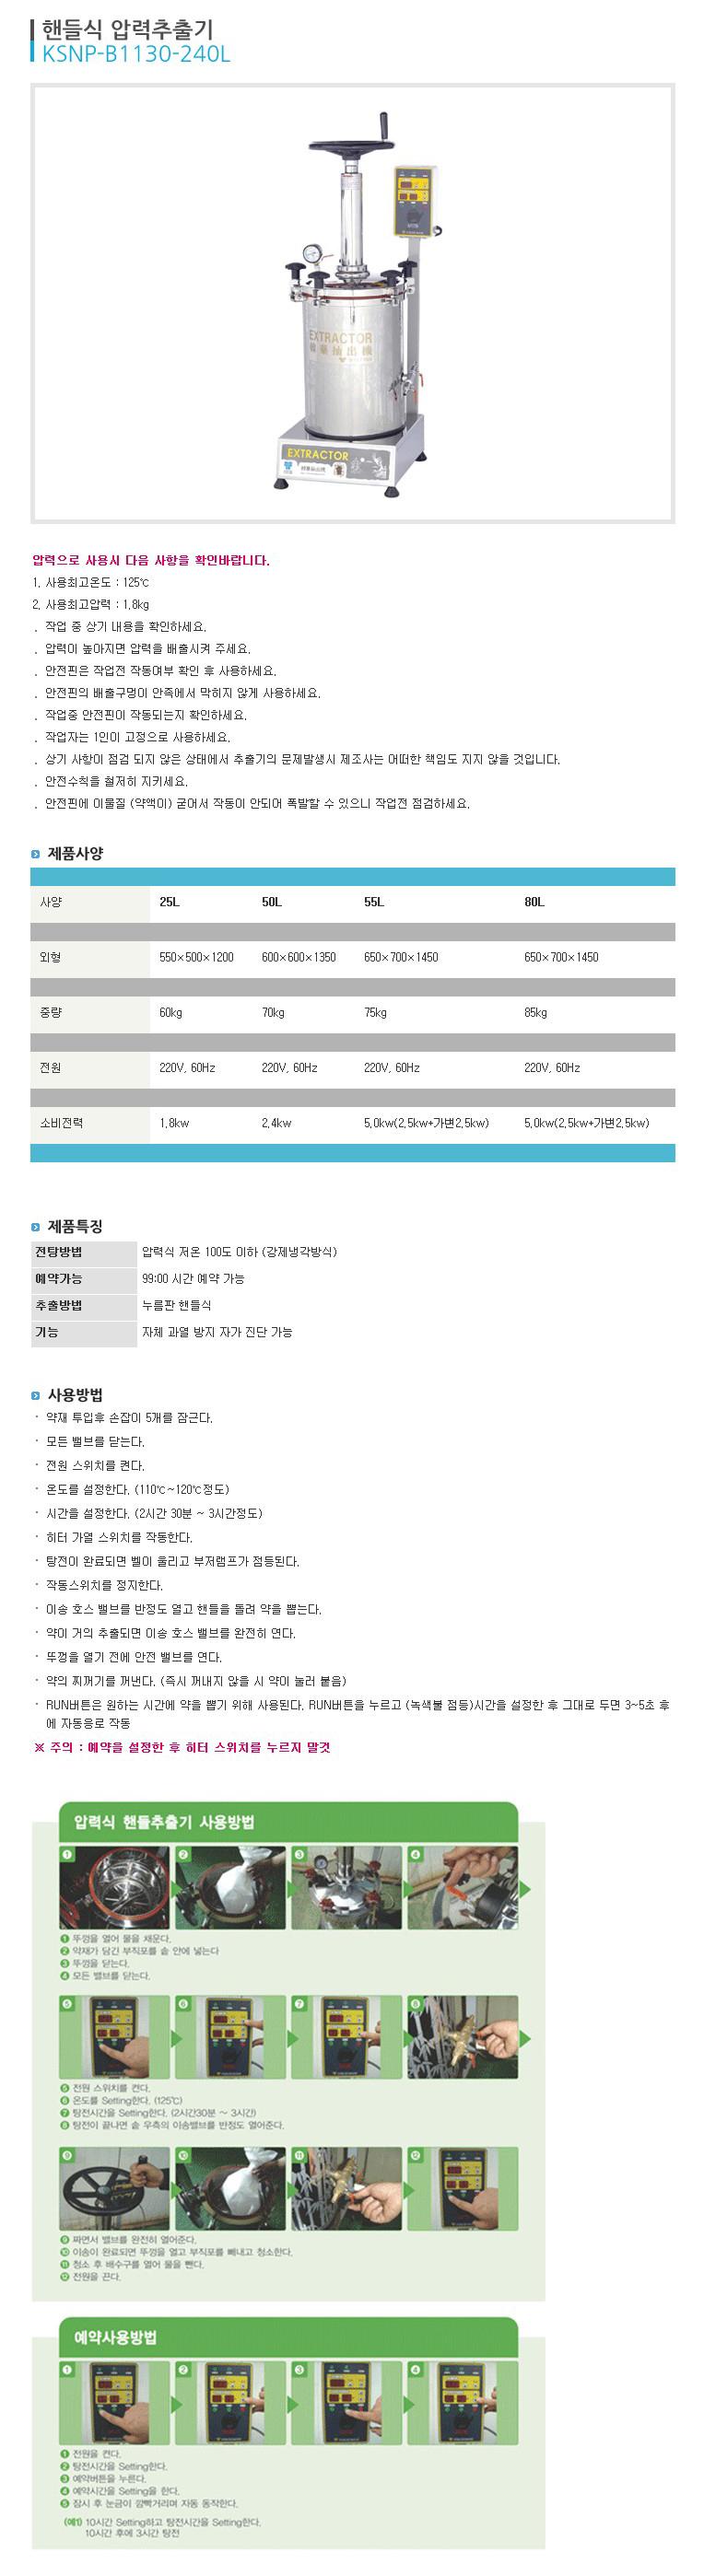 경서 이앤피 핸들식 압력추출기 KSNP-B1130-240L